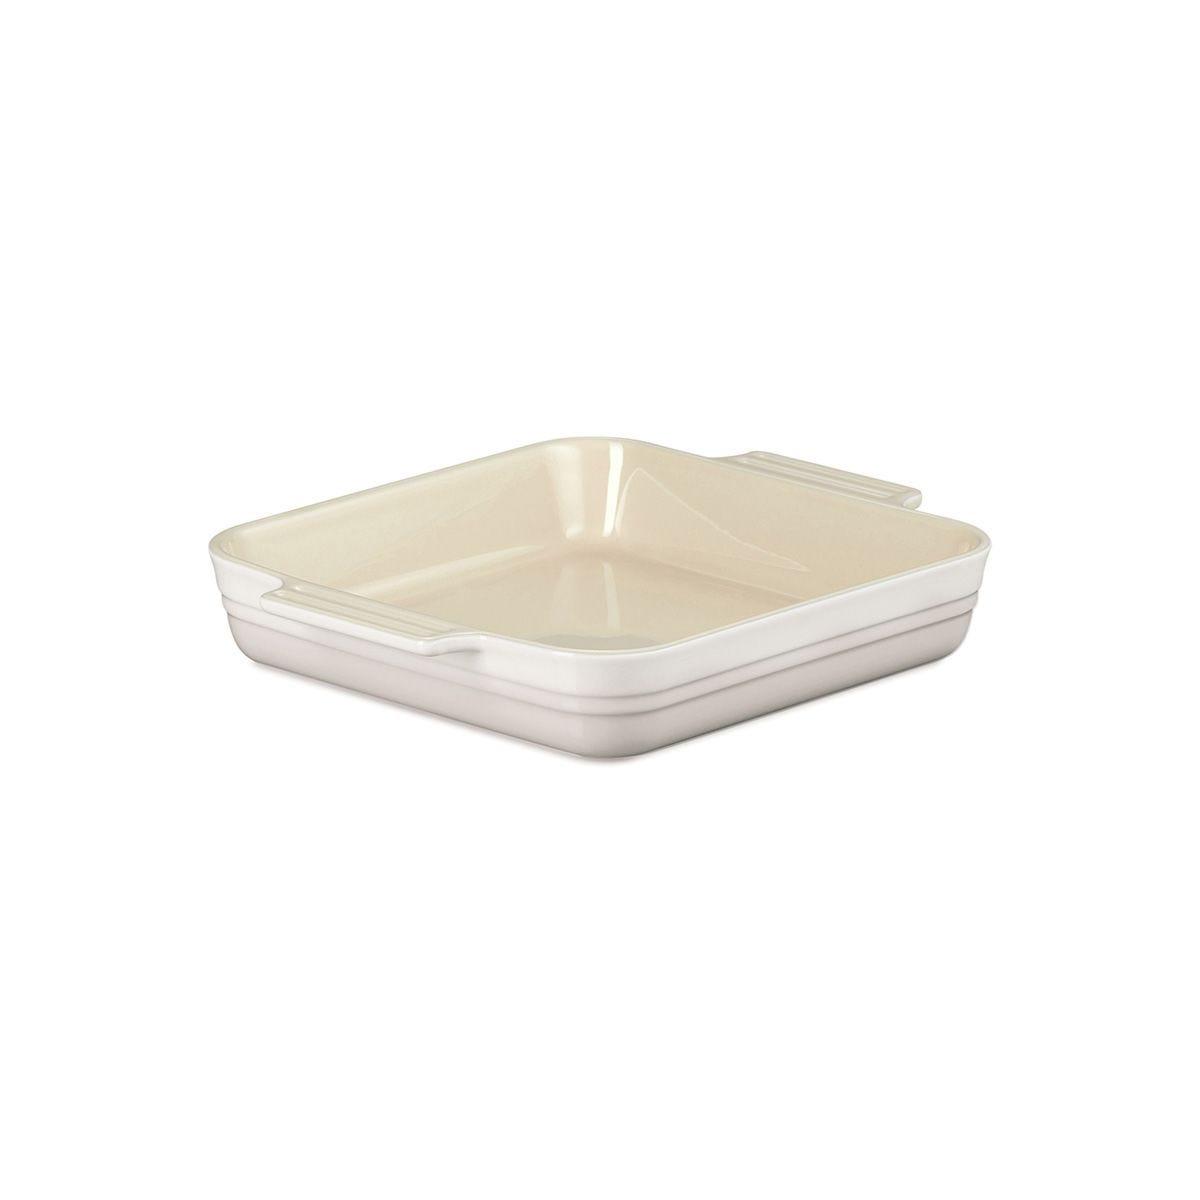 Le Creuset Stoneware 23cm Classic Square Dish Meringue